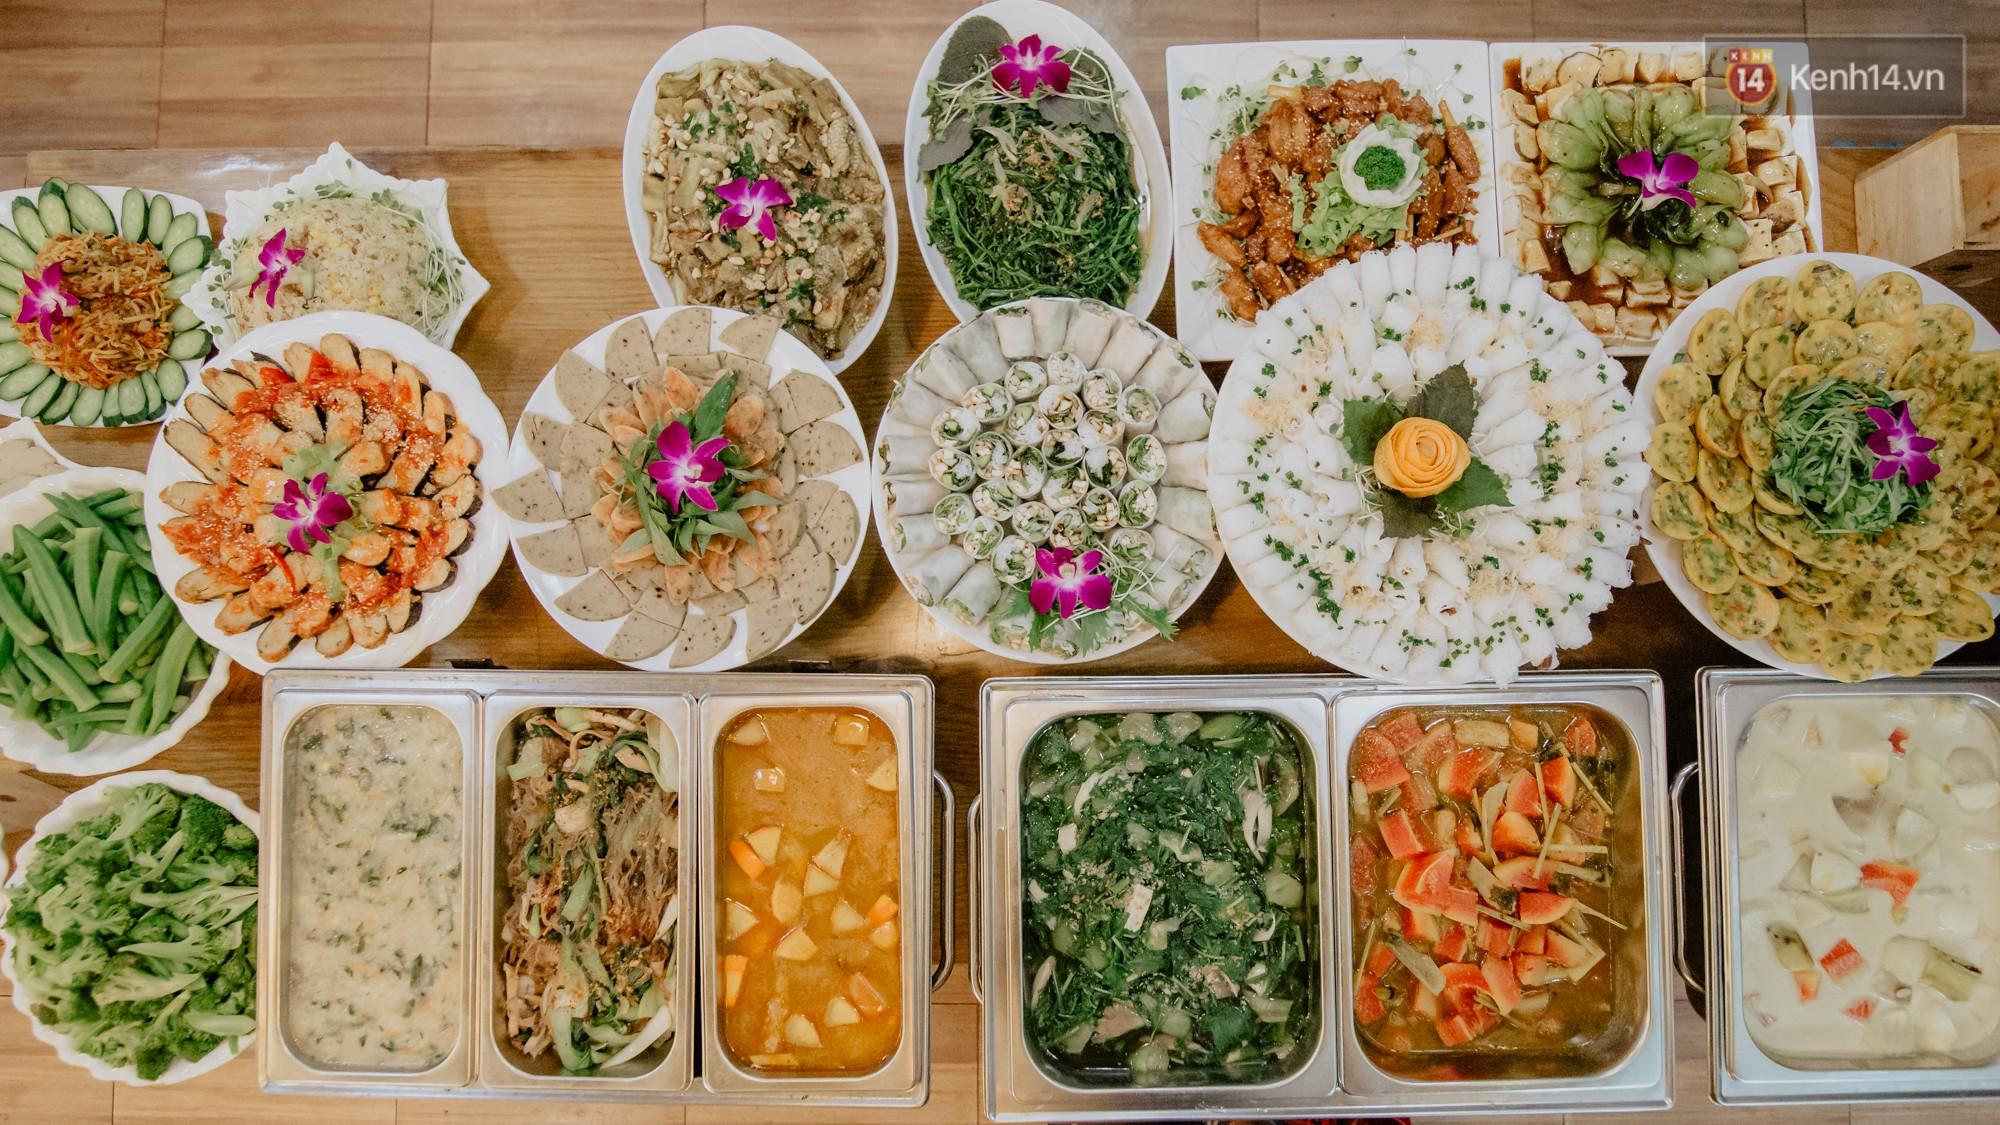 Quán chay từ thiện độc nhất vô nhị ở Sài Gòn: ăn tuỳ bụng trả tiền… tuỳ tâm - Ảnh 5.